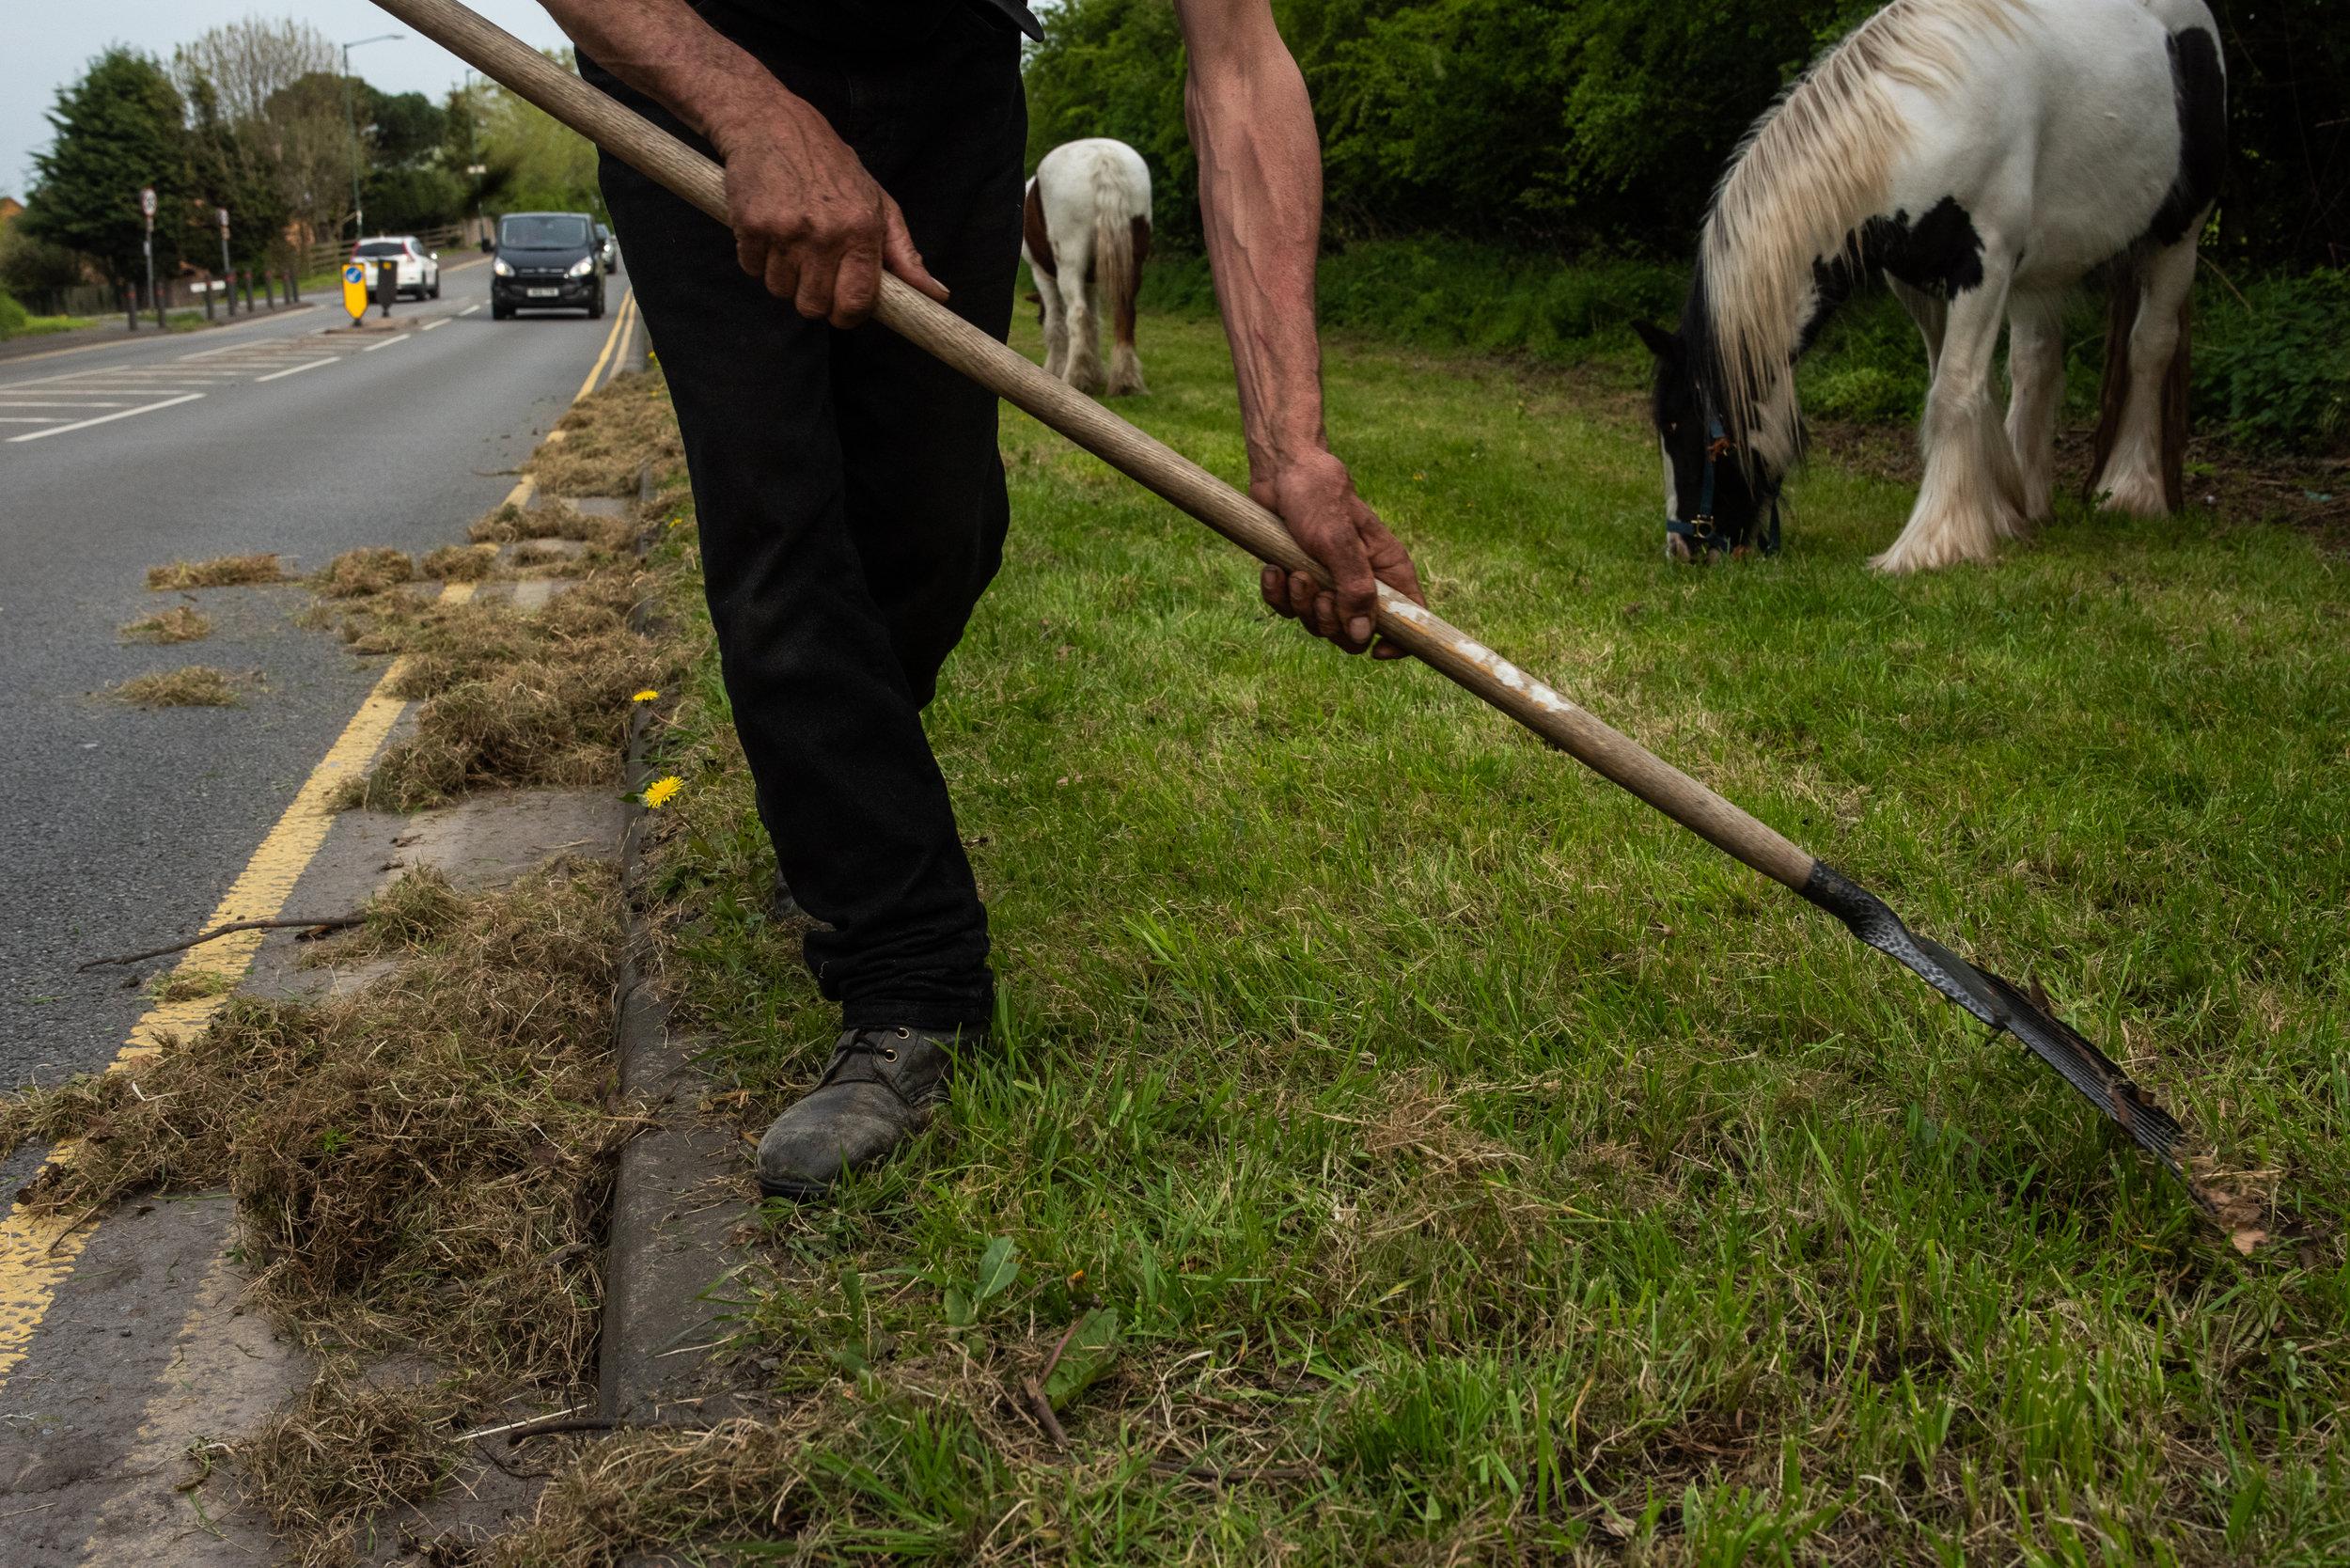 Pete raking grass